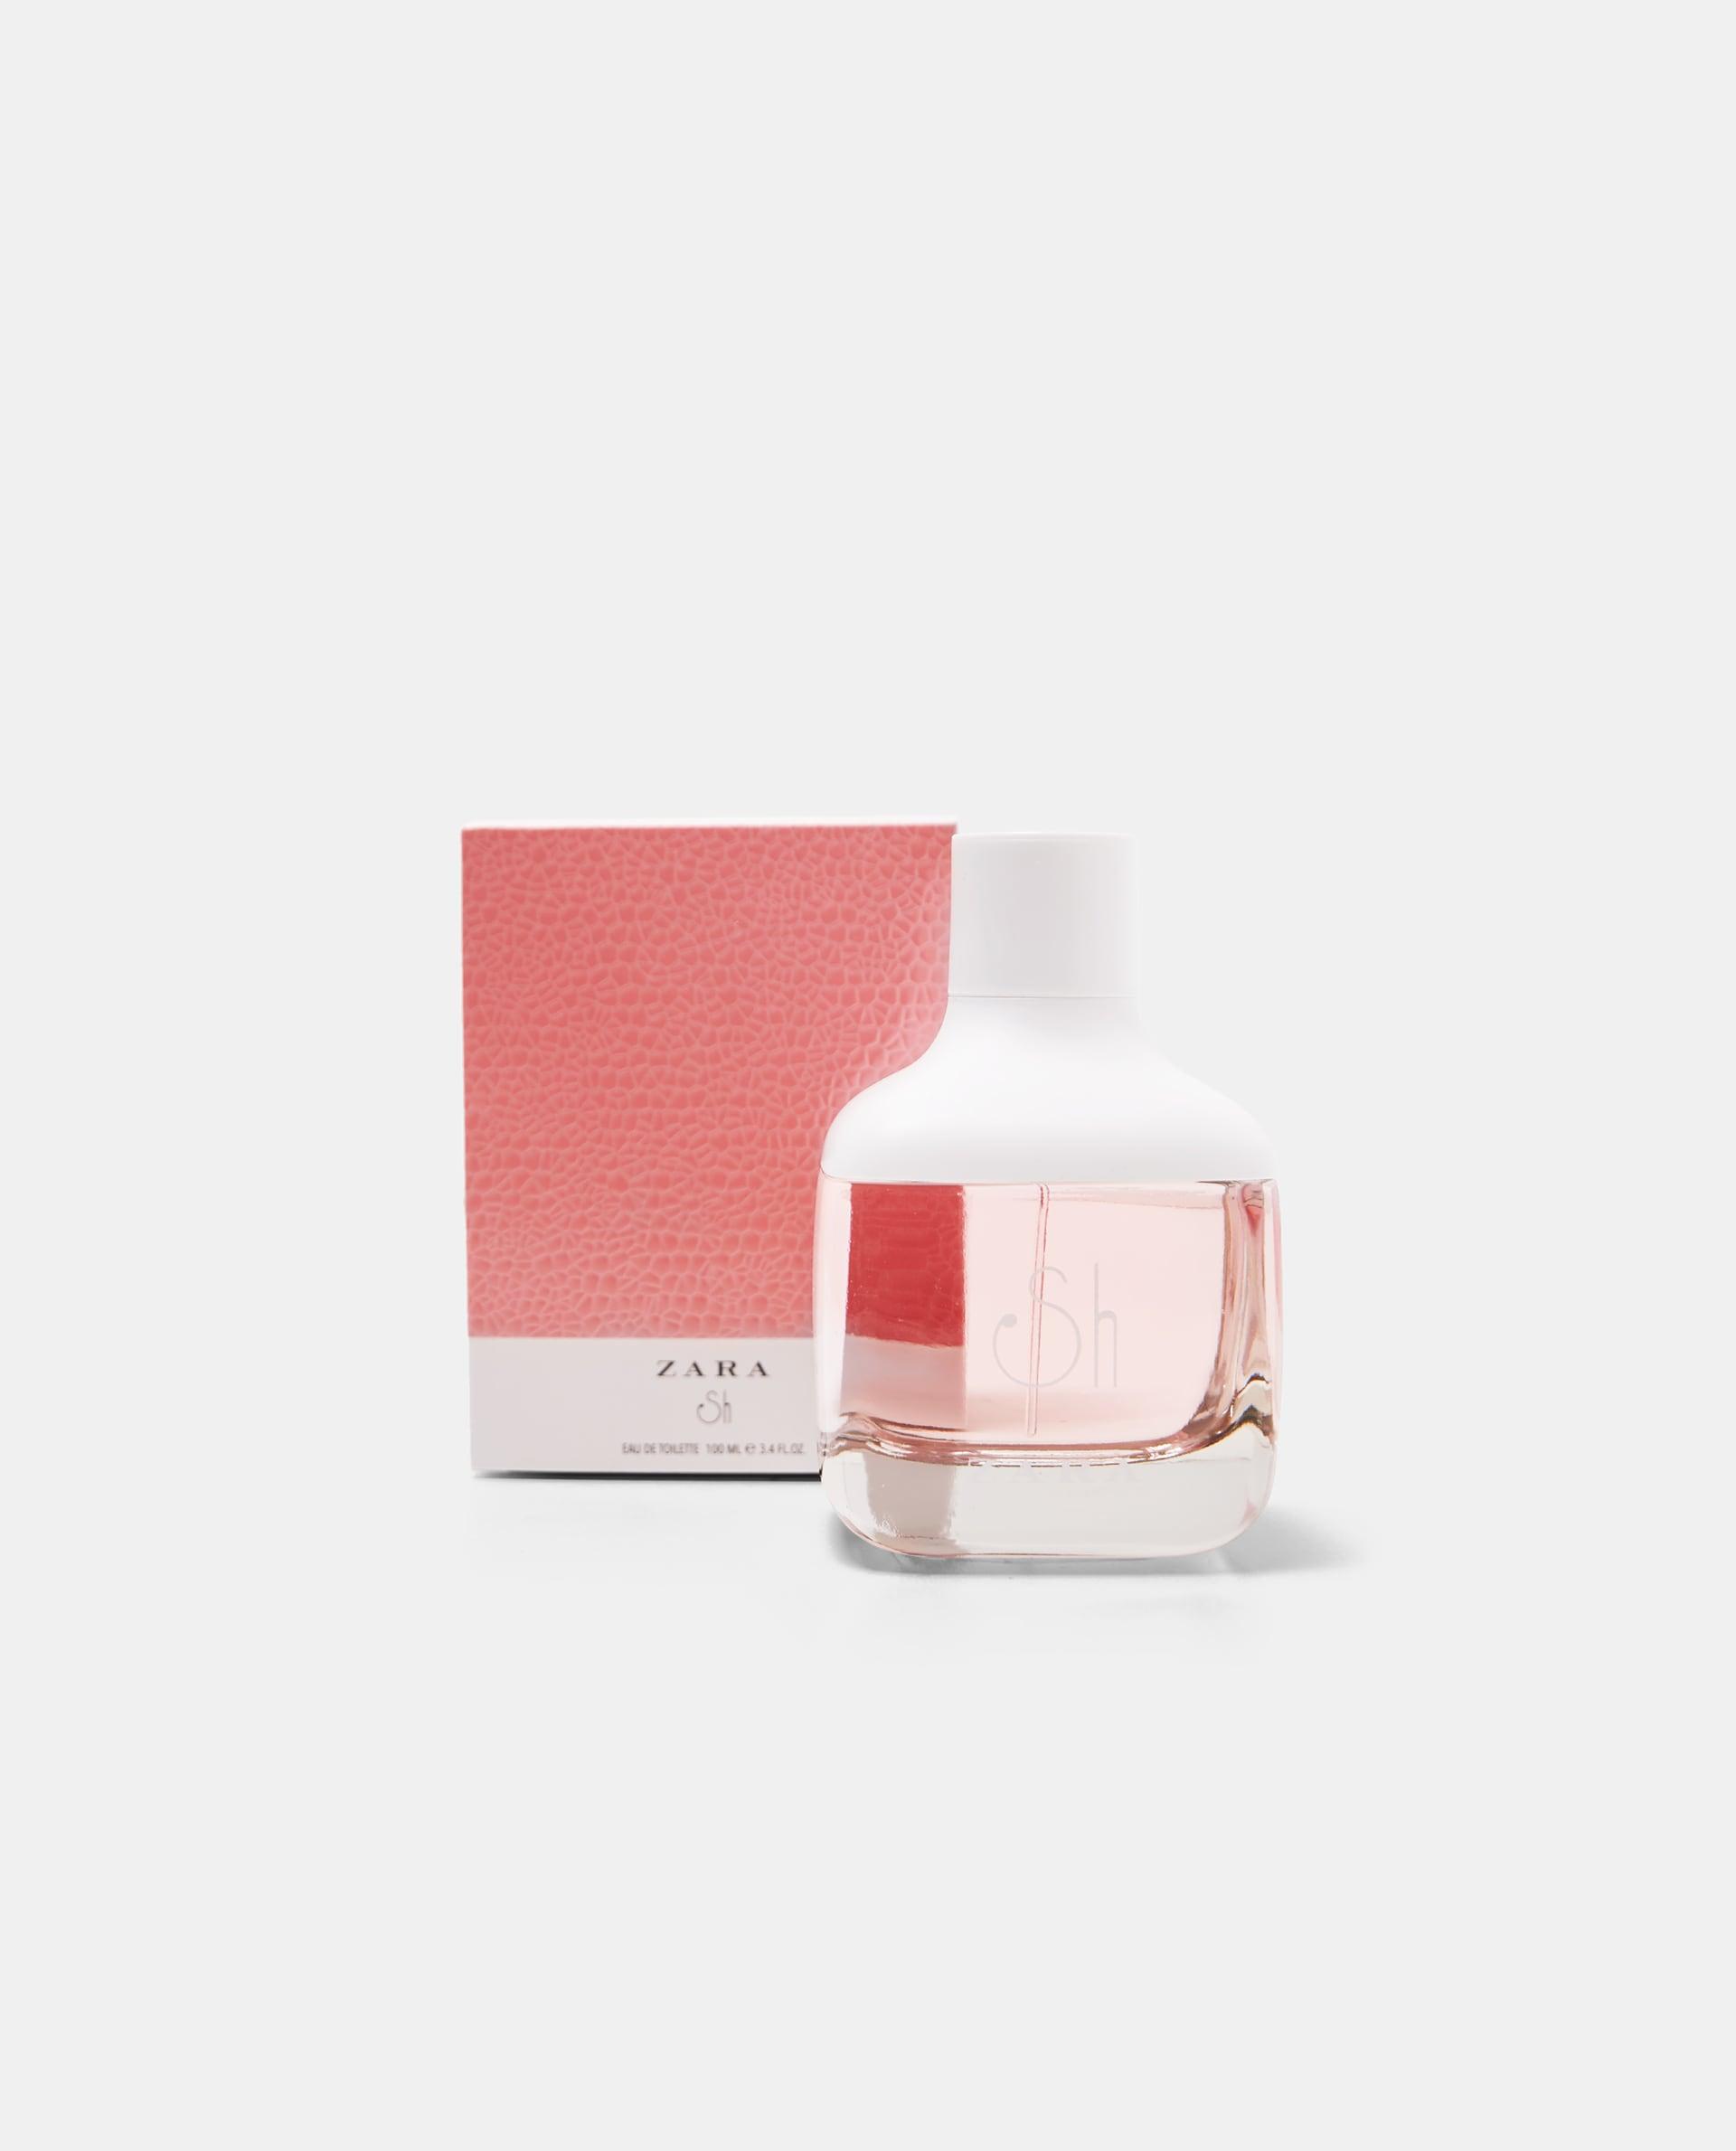 ... Solar Sh Zara pour femme Images. Solar Sh de Zara est un parfum ... ed2a52b90388